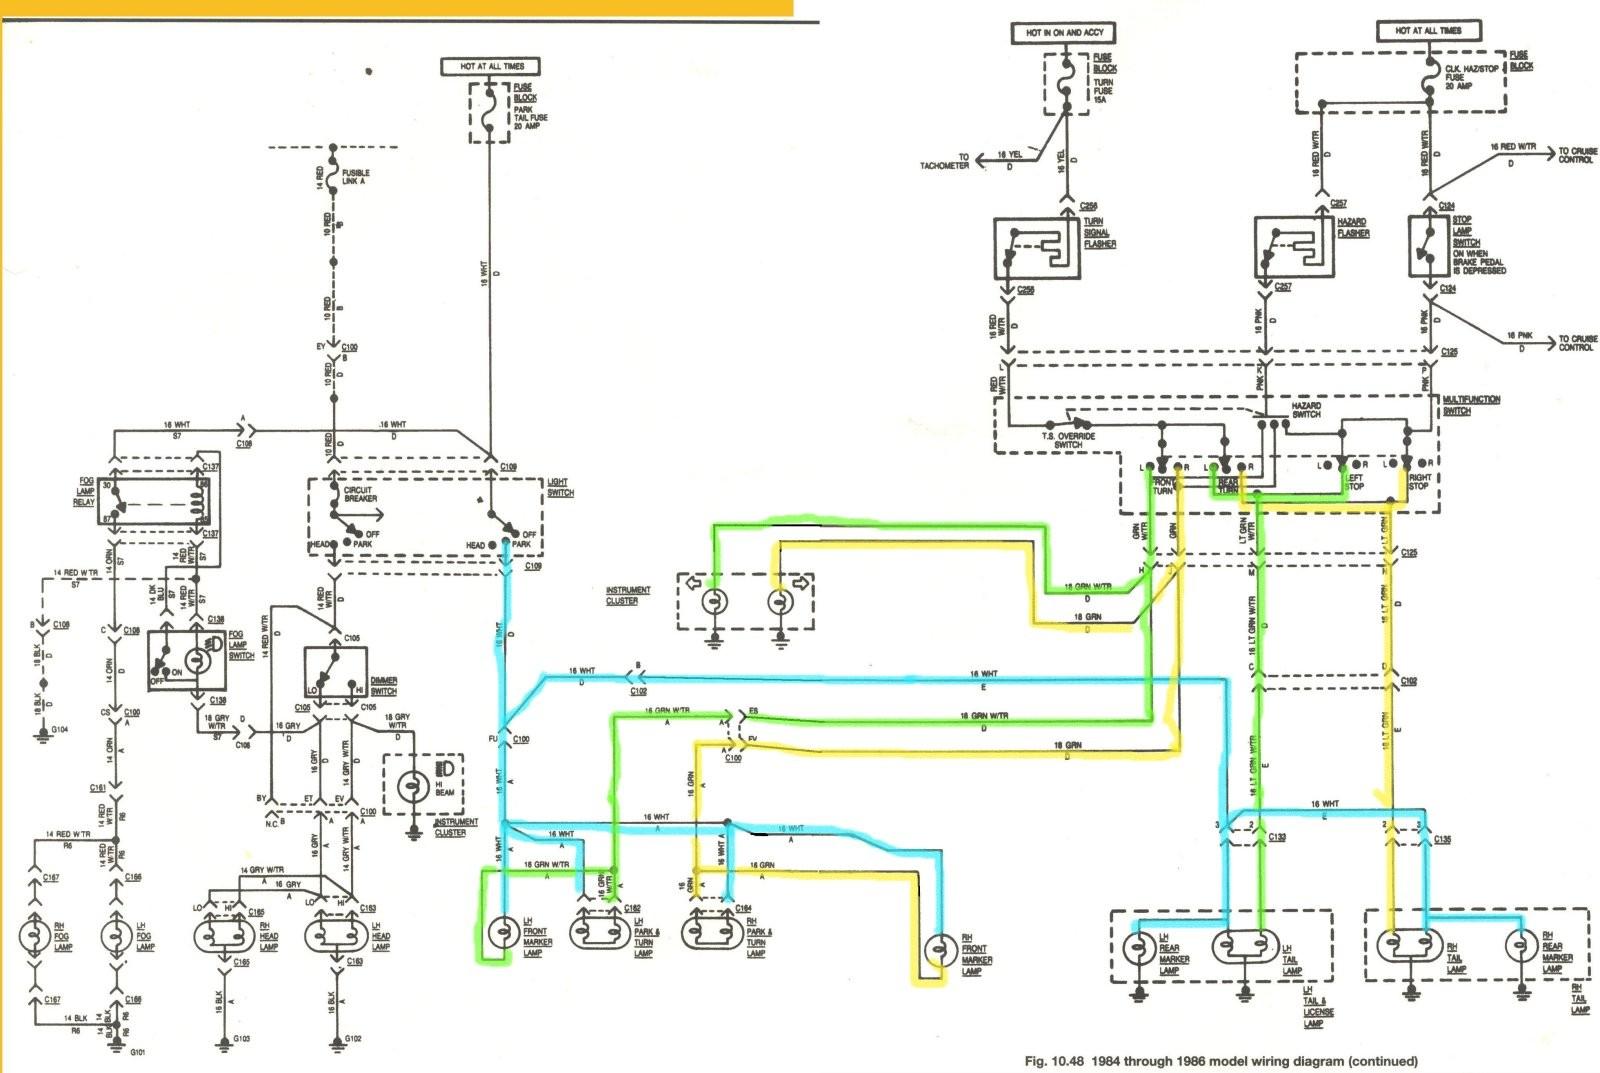 Jeep Cj7 Headlight Switch Wiring Diagram - Wiring Diagram ...